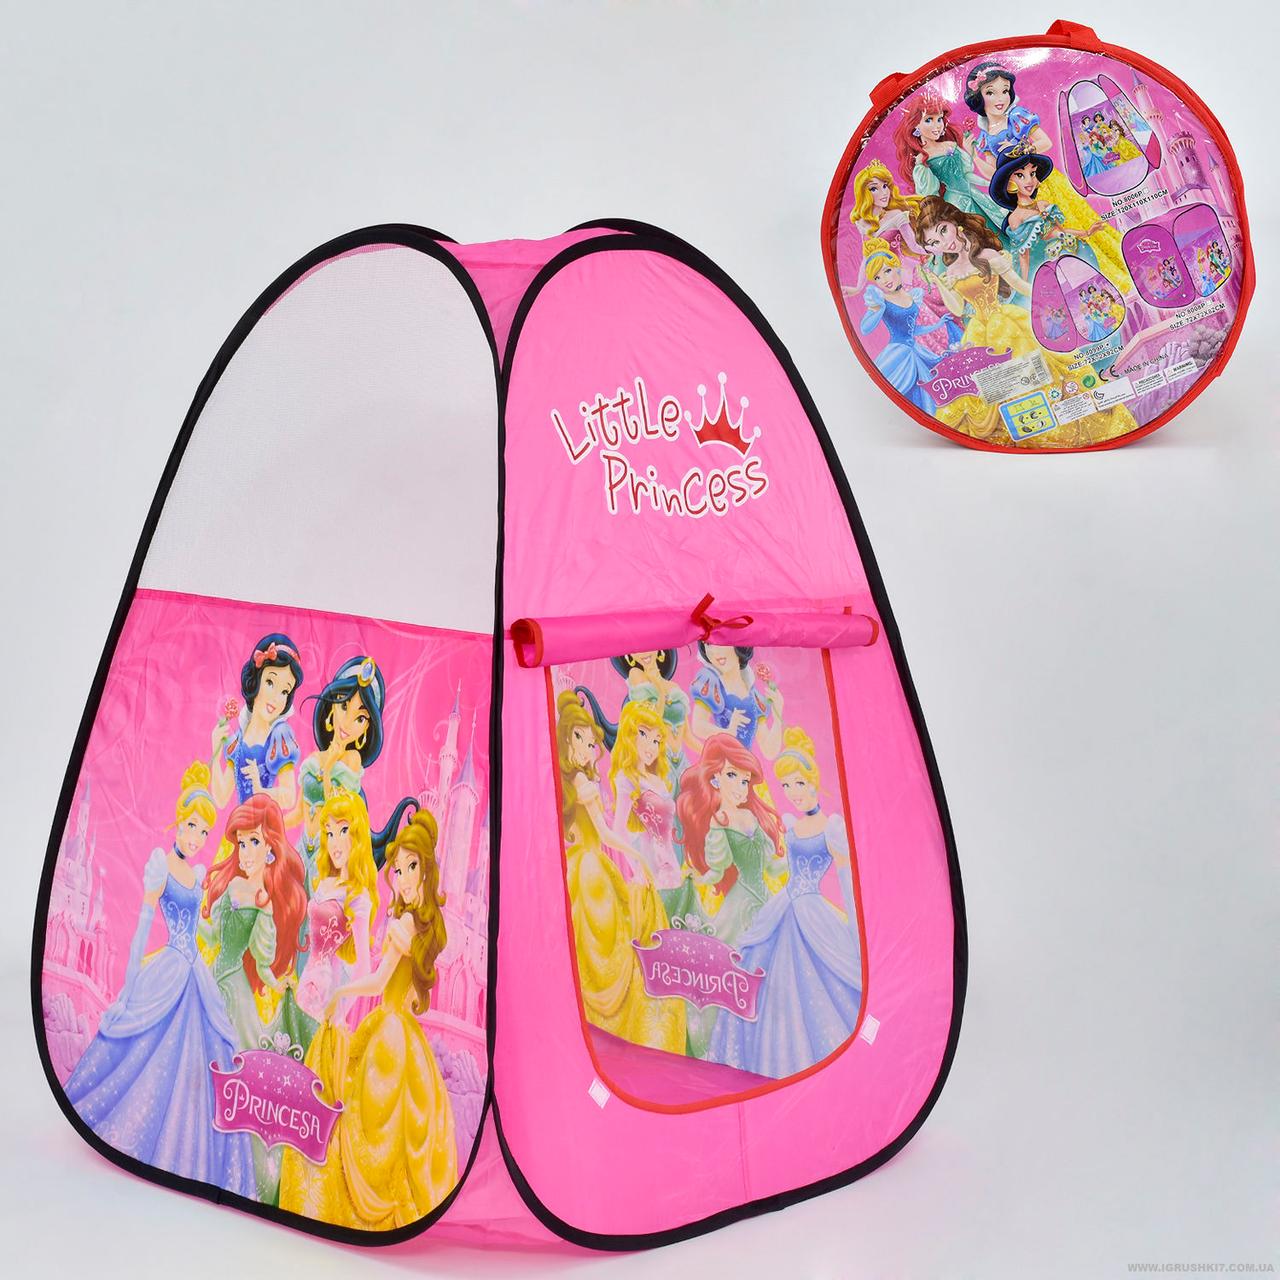 Дитячий ігровий намет-курінь дитяча Принцеси 8099 Р (48/2) 72х72х92 см, в сумці